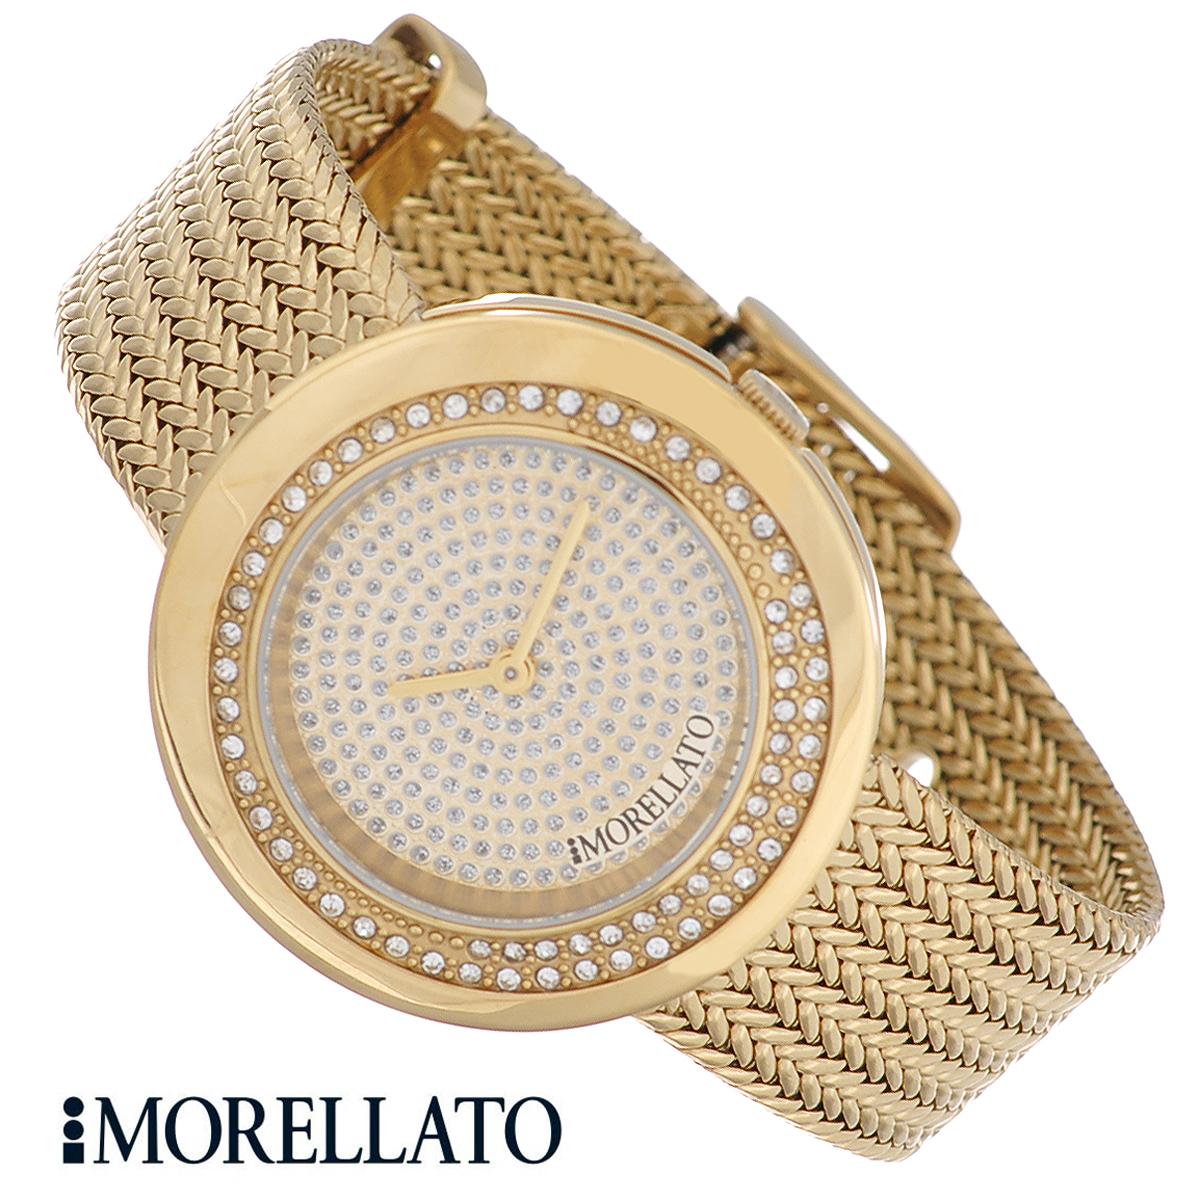 Часы женские наручные Morellato, цвет: золотистый. R0153112501R0153112501Наручные женские часы Morellato оснащены кварцевым механизмом. Корпус выполнен из высококачественной нержавеющей стали с PVD-покрытием и по контуру циферблата инкрустирован кристаллами. Циферблат также оформлен кристаллами и защищен минеральным стеклом. Часы имеют две стрелки - часовую и минутную. Ремешок часов выполнен из нержавеющей стали с PVD-покрытием и оснащен классической застежкой. Часы укомплектованы паспортом с подробной инструкцией. Часы Morellato отличаются уникальным, но в то же время простым и лаконичным стилем. Характеристики: Диаметр циферблата: 2,3 см. Размер корпуса: 3,4 см х 3,4 см х 0,5 см. Длина ремешка (с корпусом): 21 см. Ширина ремешка: 1,8 см.